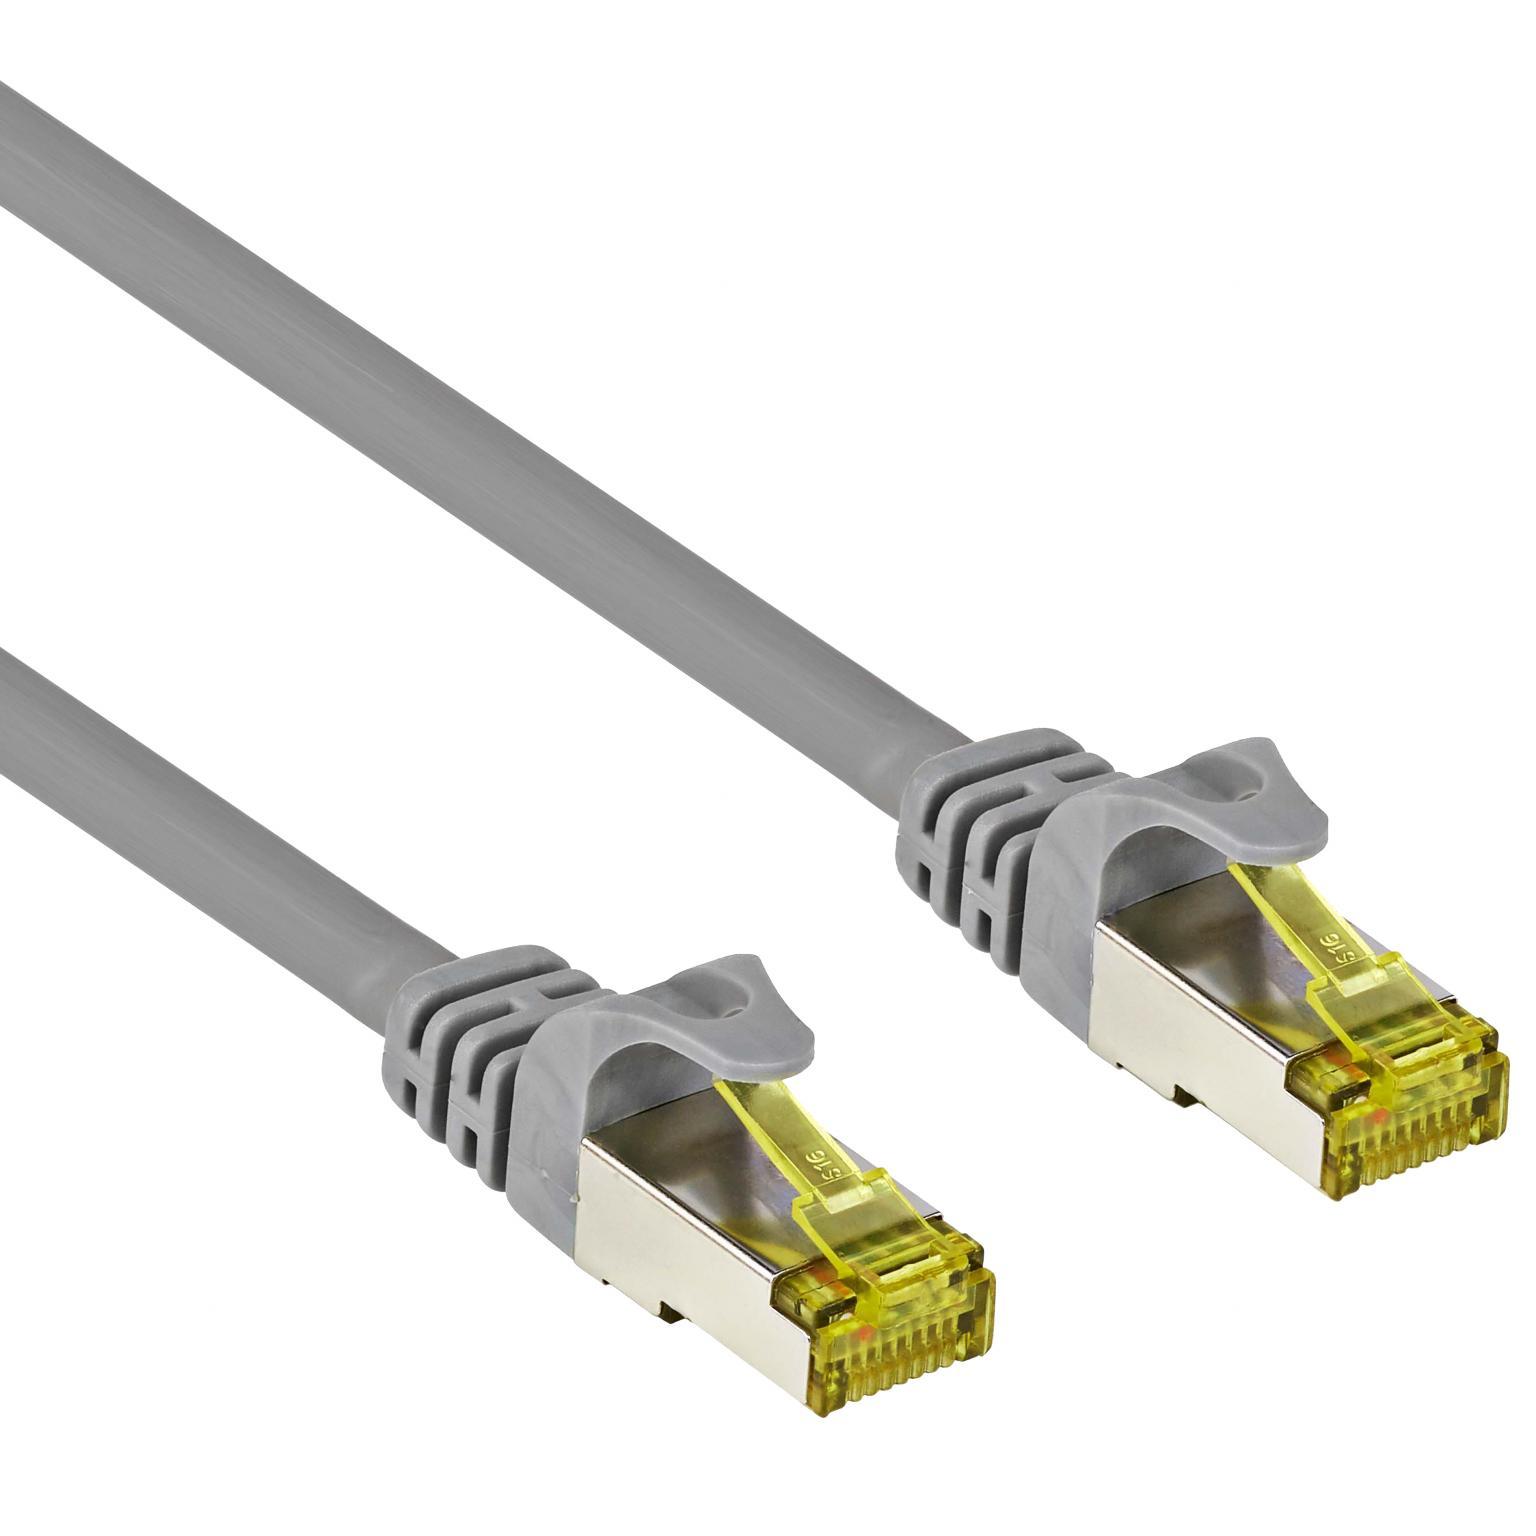 Image of Goobay RJ45 Netwerk Aansluitkabel CAT 7 S/FTP 0.50 m Grijs Snagless, Vergulde steekcontacten